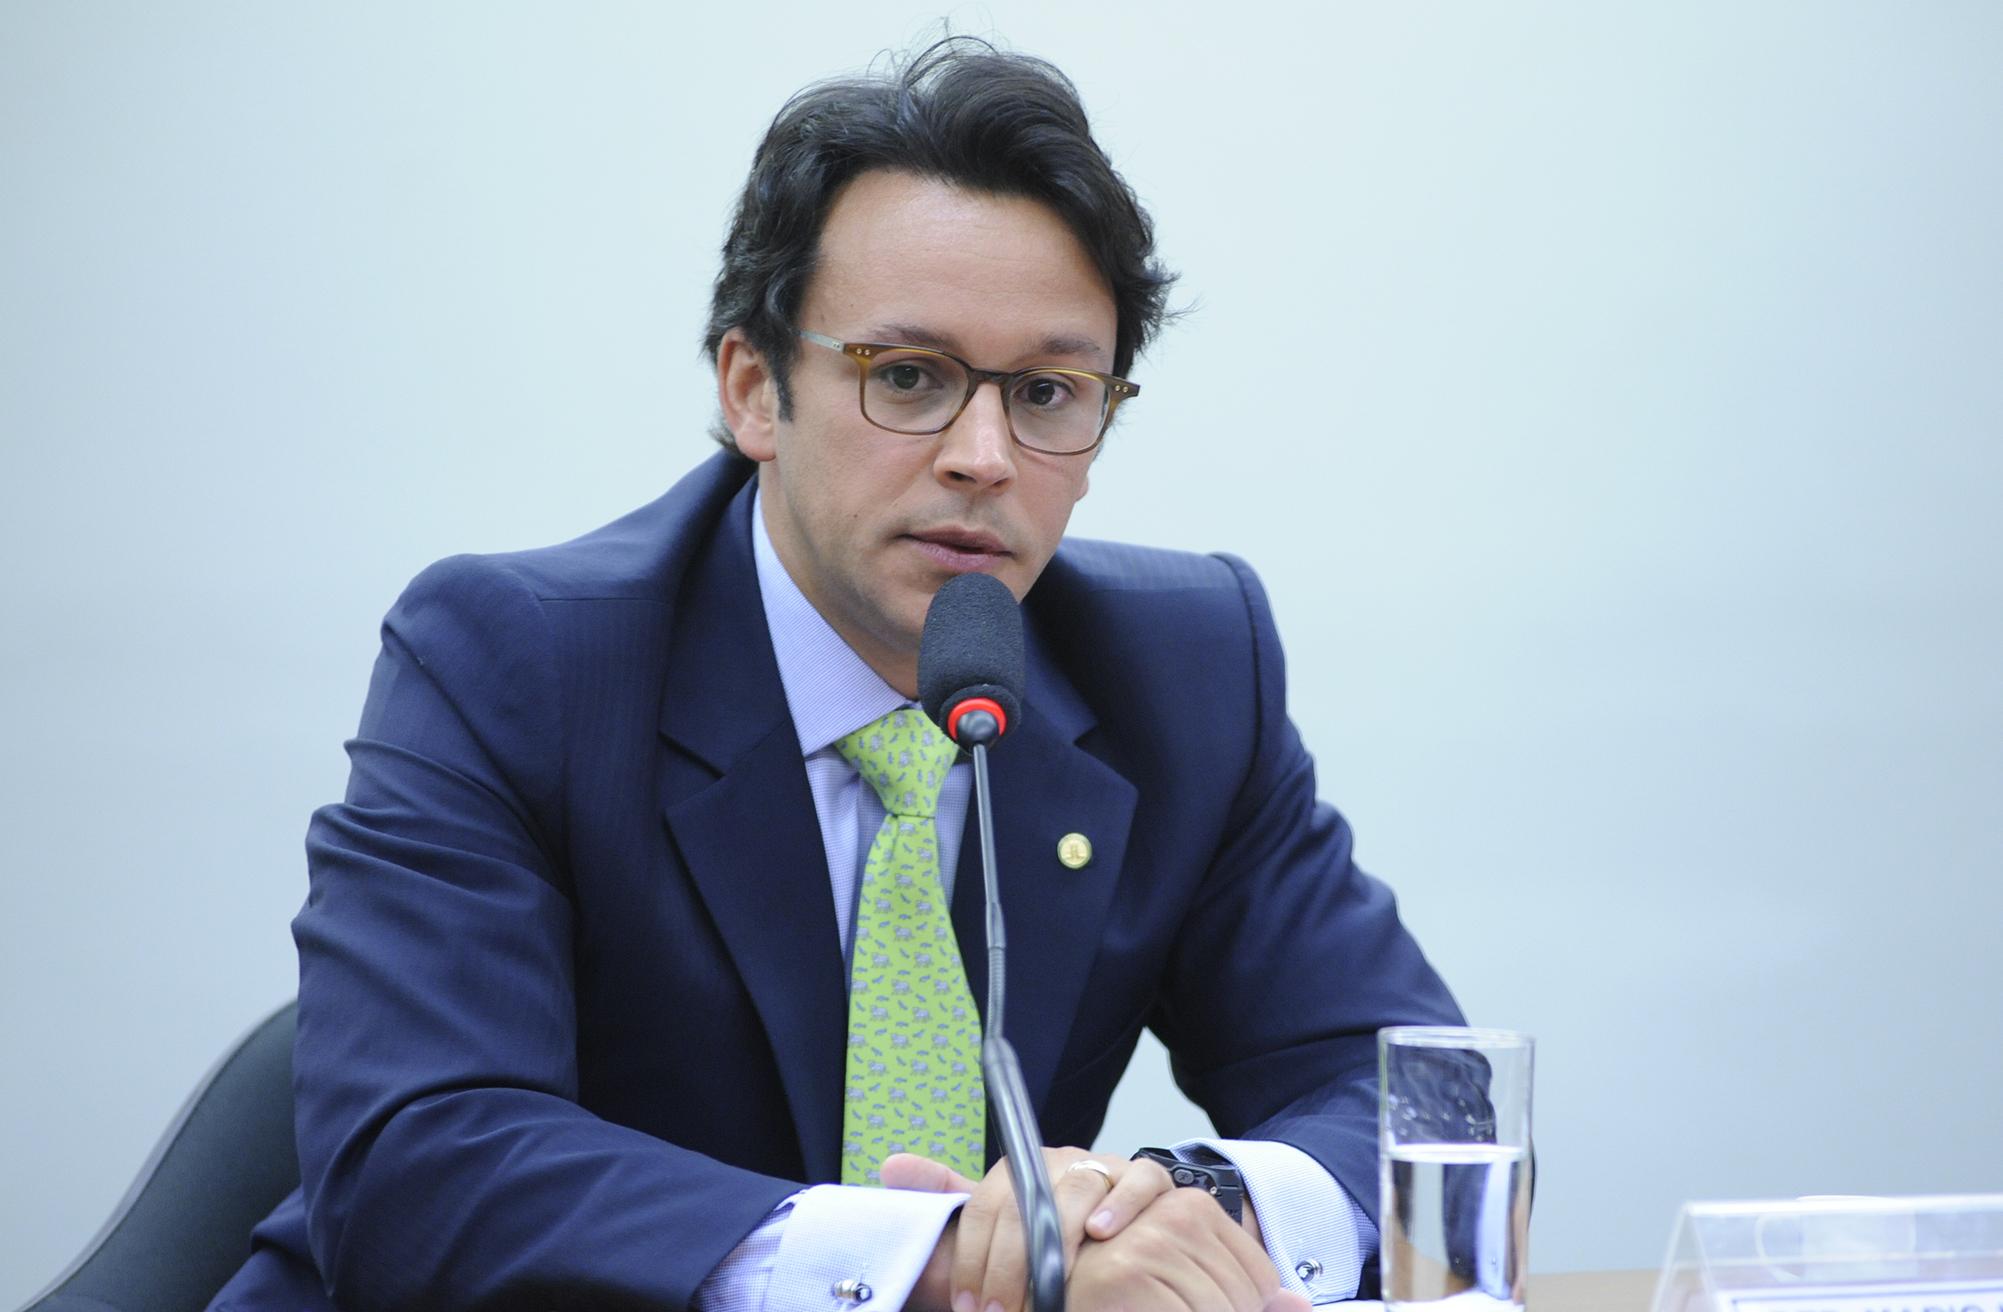 Reunião Ordinária. Dep. Mário Negromonte Jr (PP-BA)